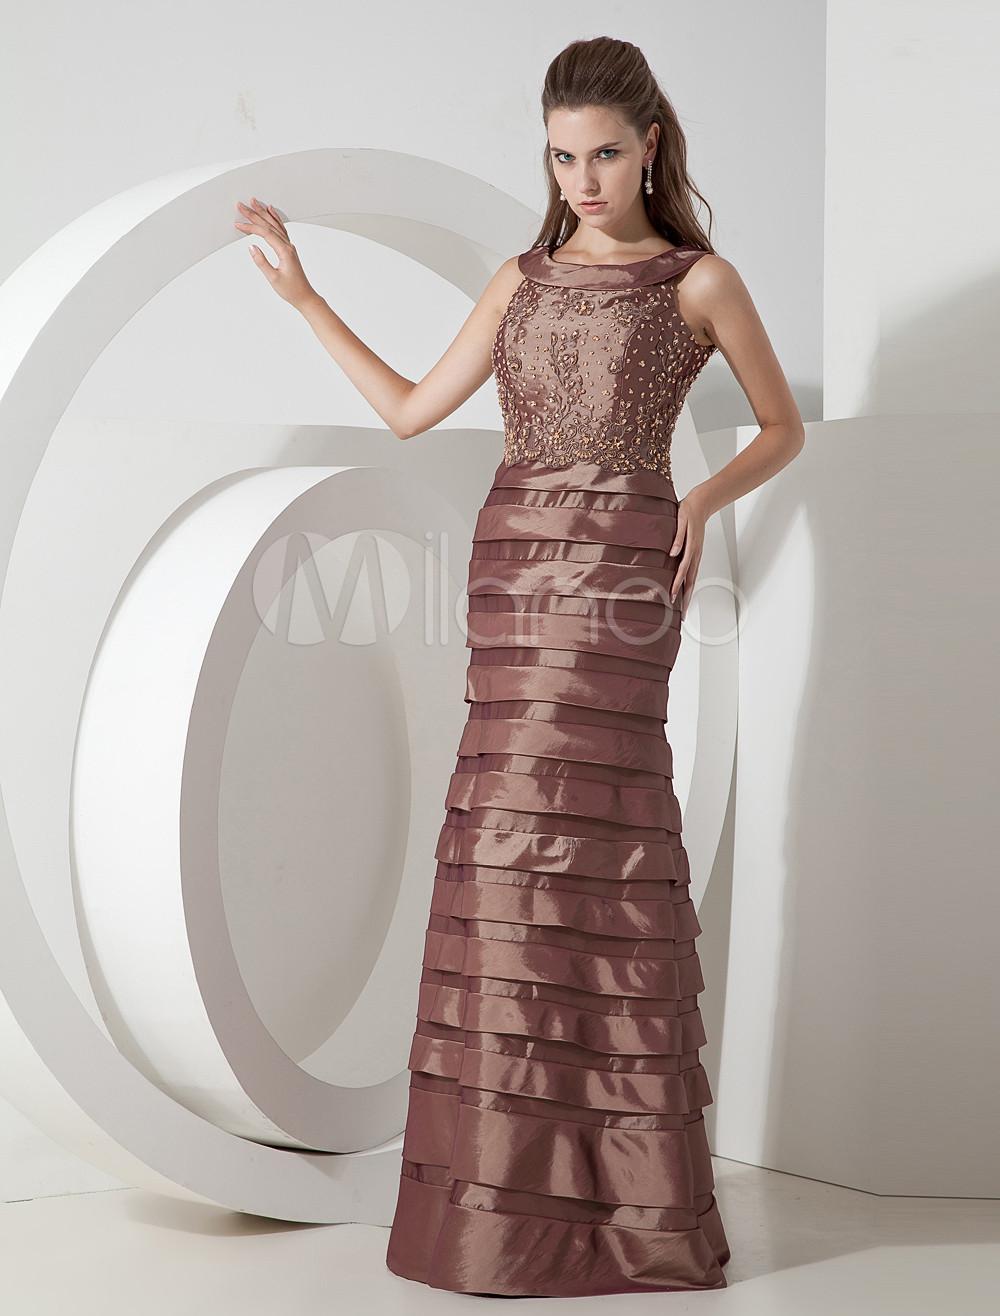 Купить платье для мамы 7